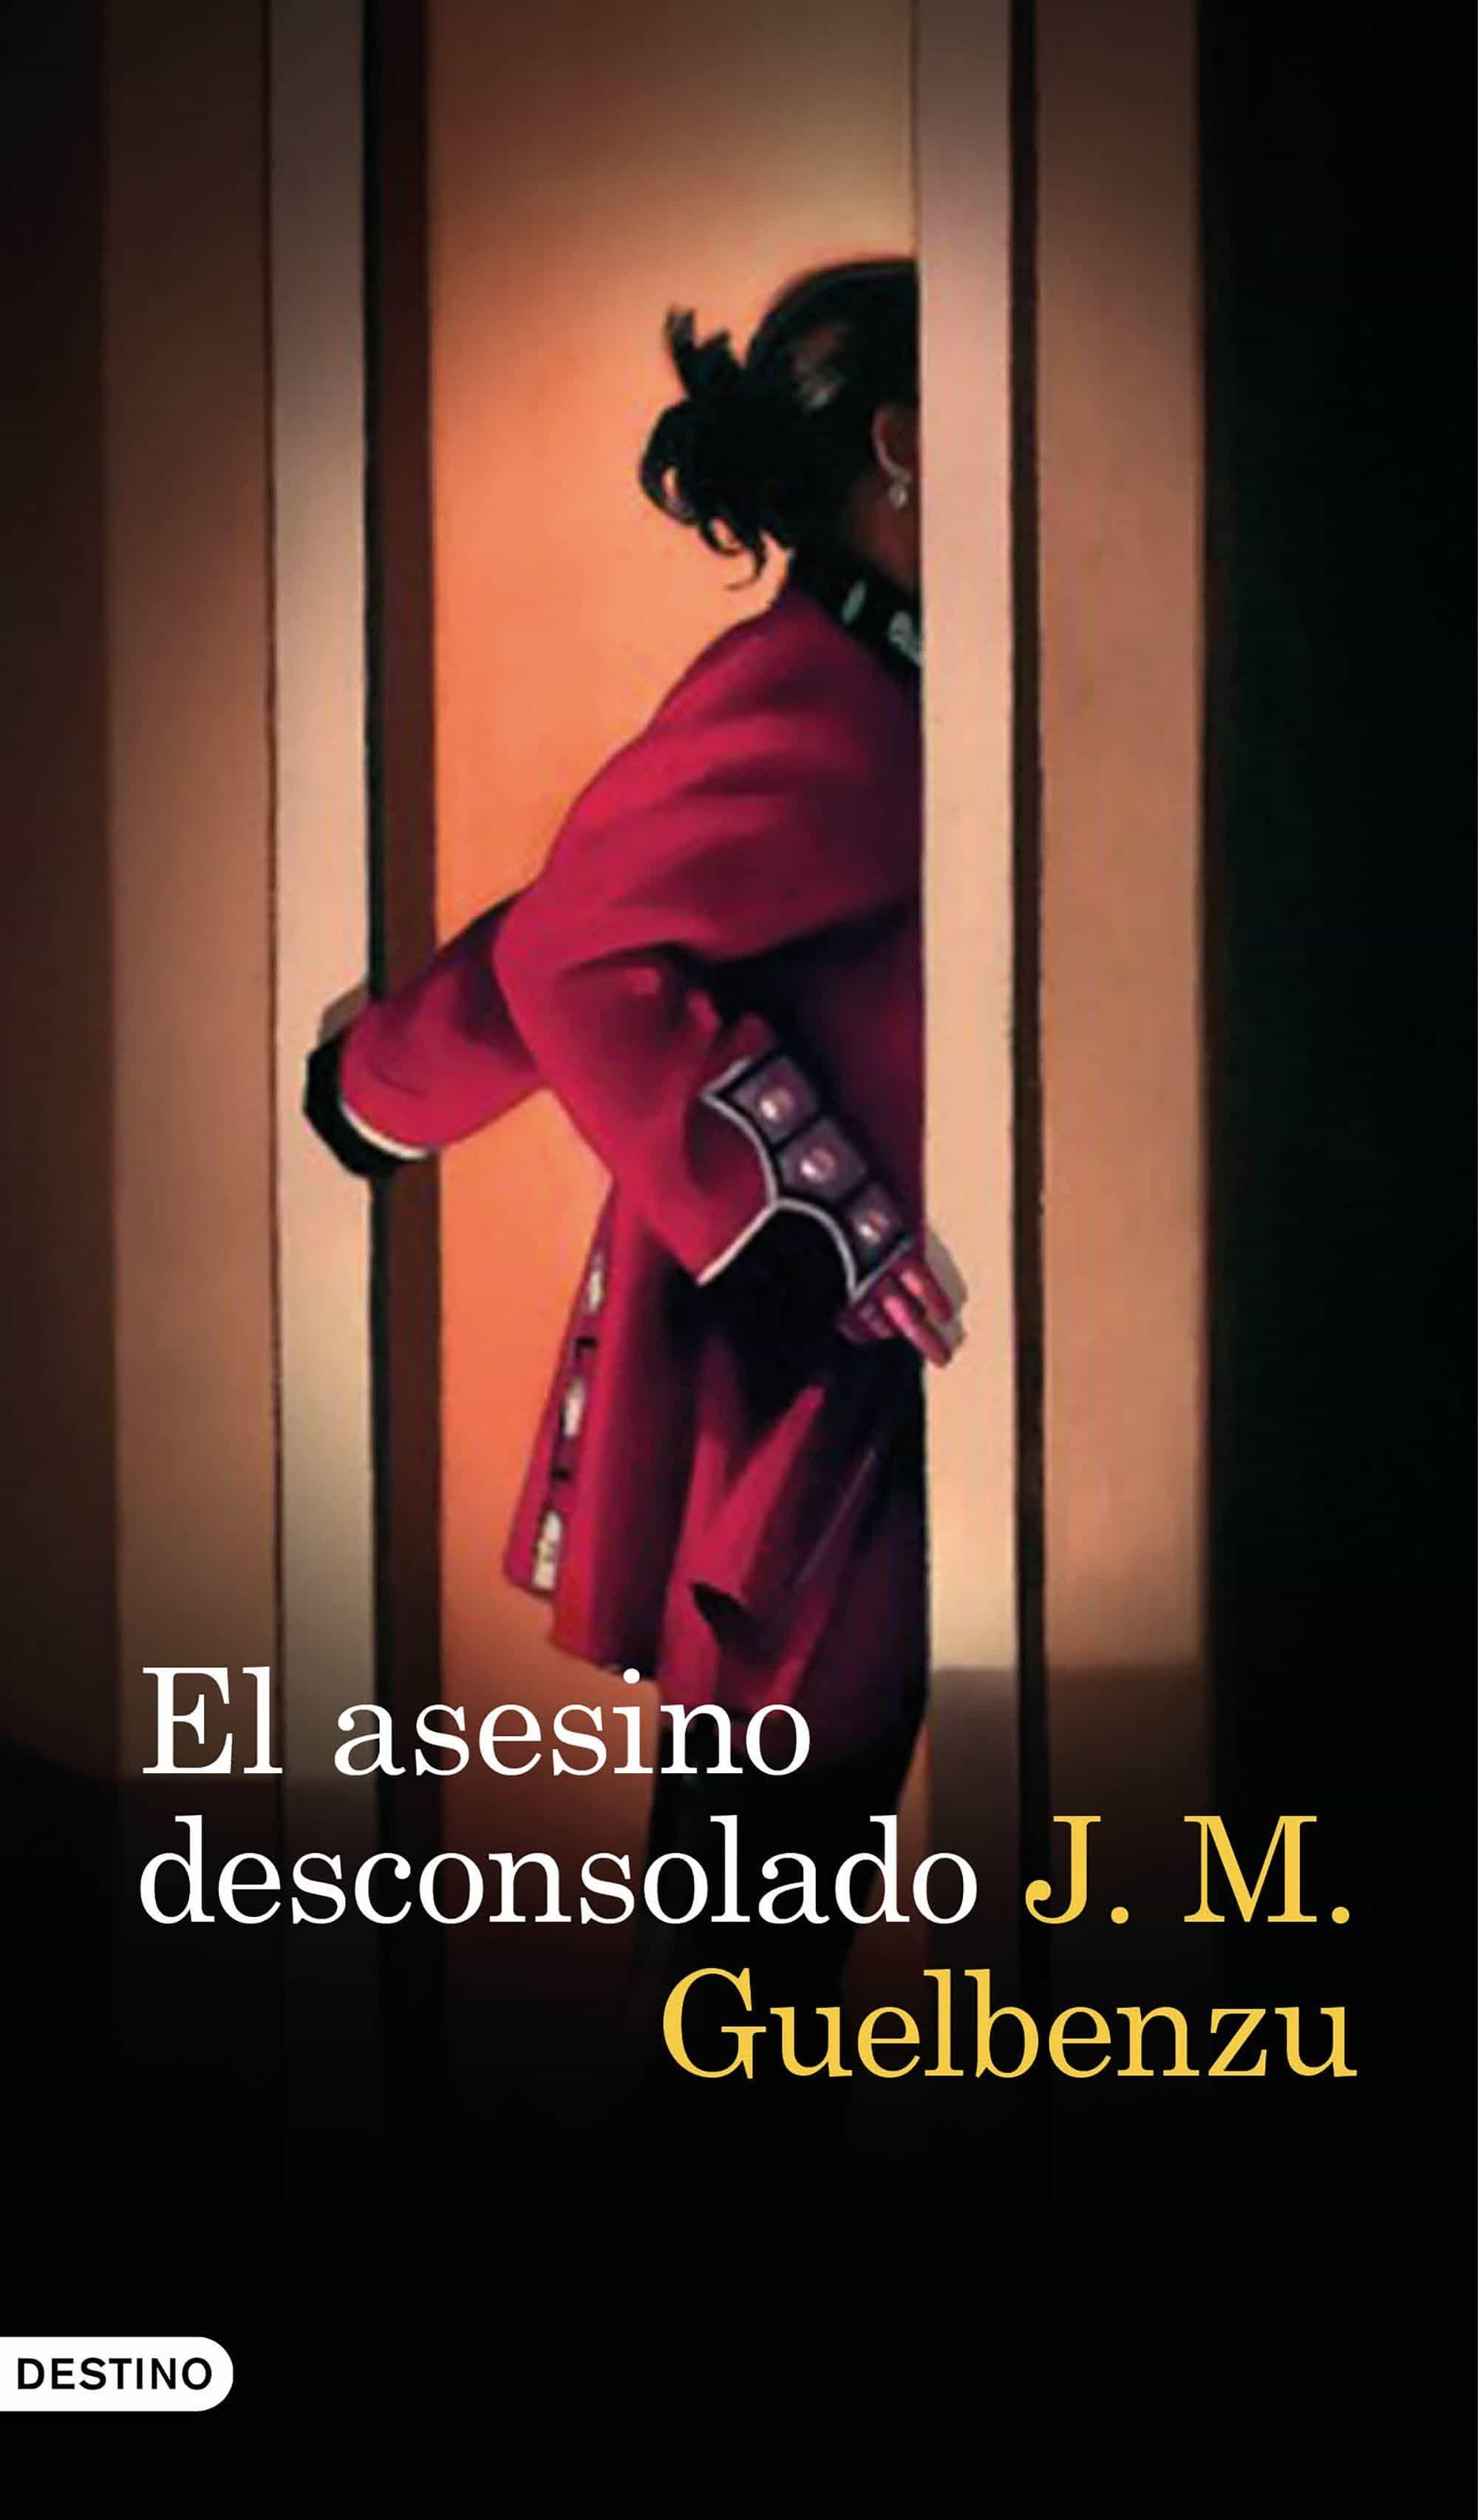 EL ASESINO DESCONSOLADO   J. M. GUELBENZU   Comprar libro 9788423352128